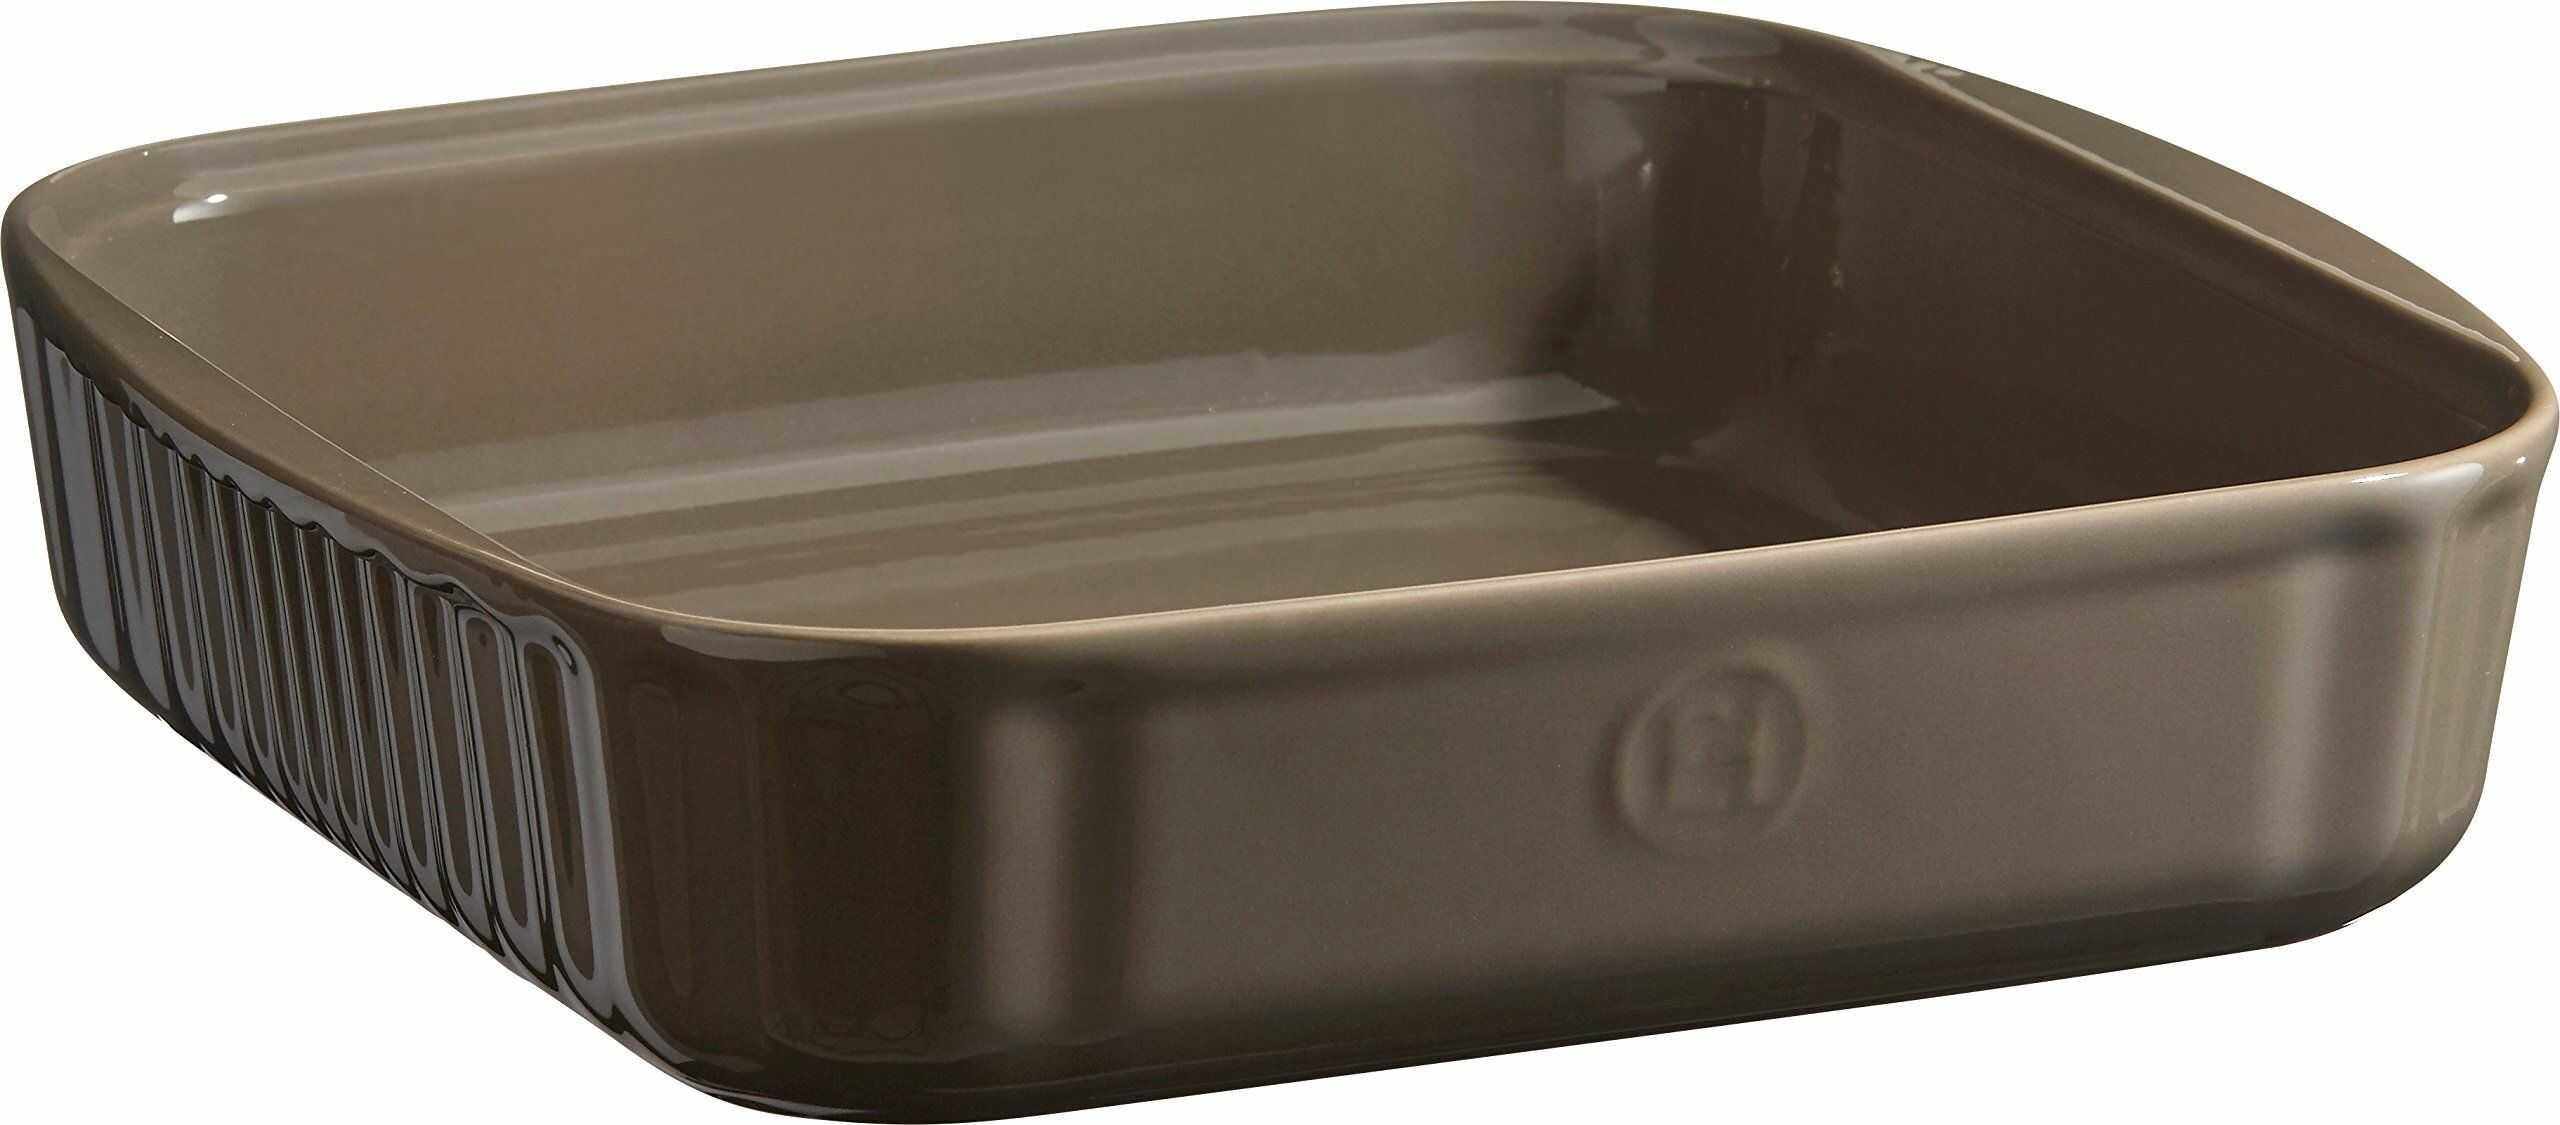 Emile Henry ceramiczna eh952080 kwadratowa forma do pieczenia 28 x 26 x 6,5 cm, ceramika, Silex, 24 cm